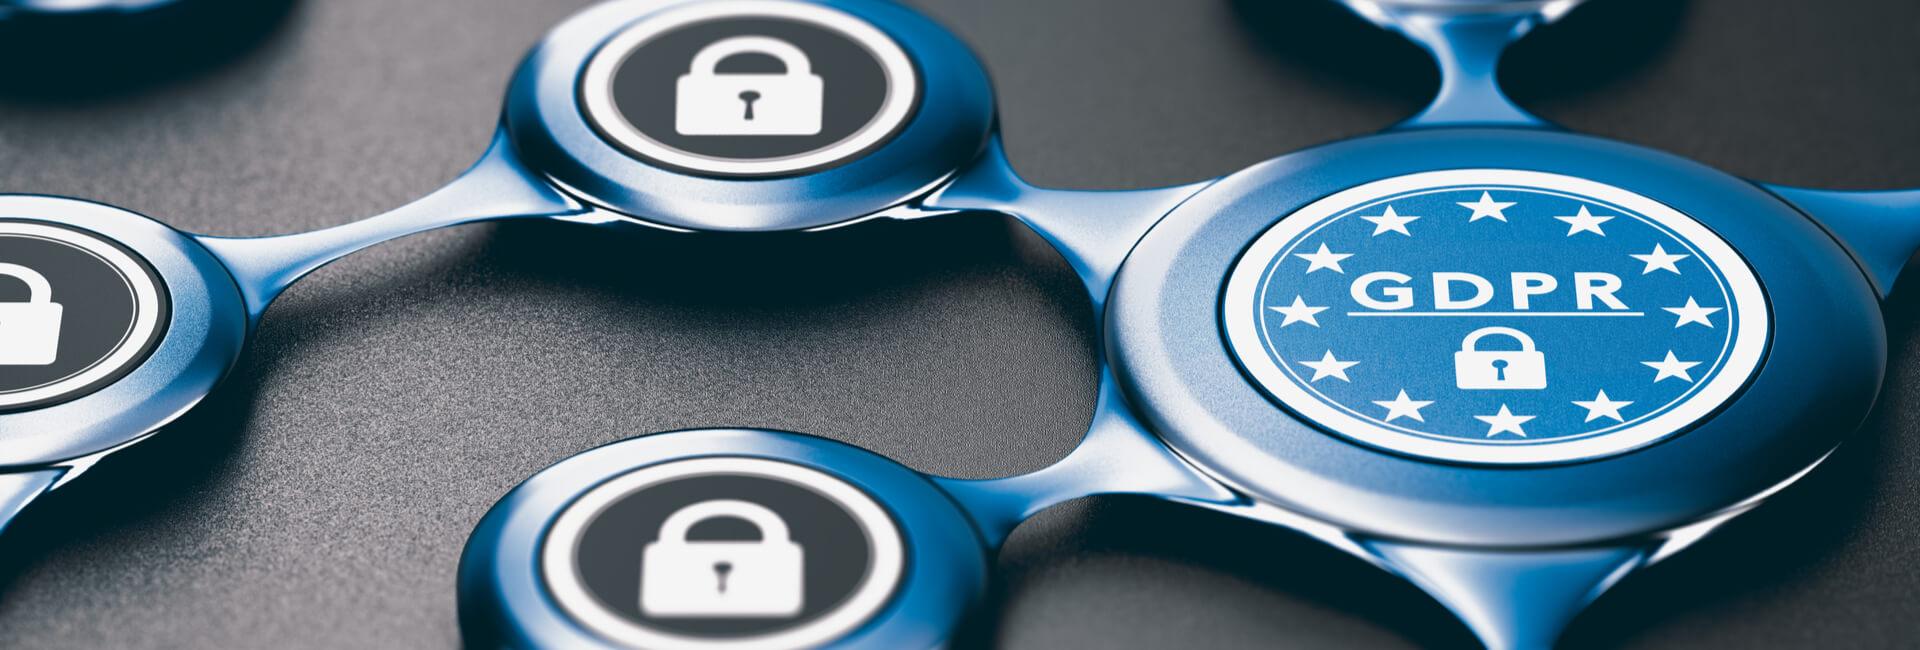 SAP e GDPR in 7 passi: come difendere i dati ed essere compliant